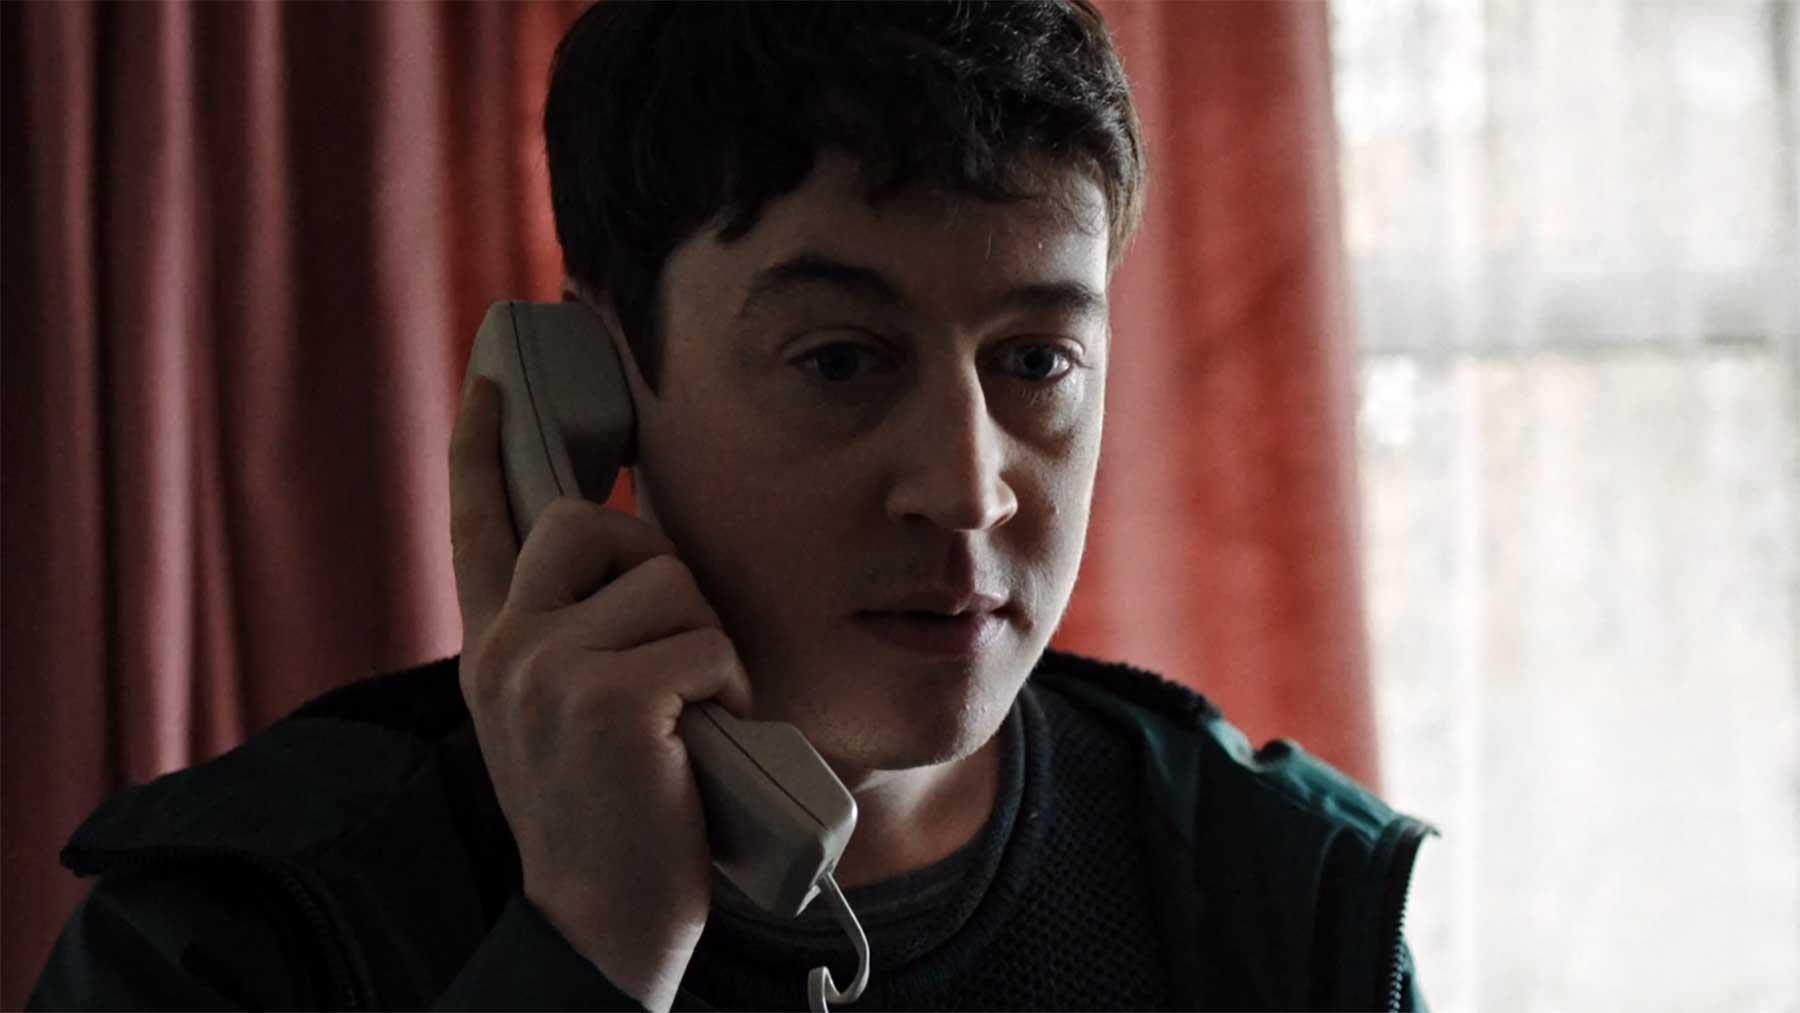 Unverständliche Anrufbeantworter-Nachricht deiner neuen Liebe